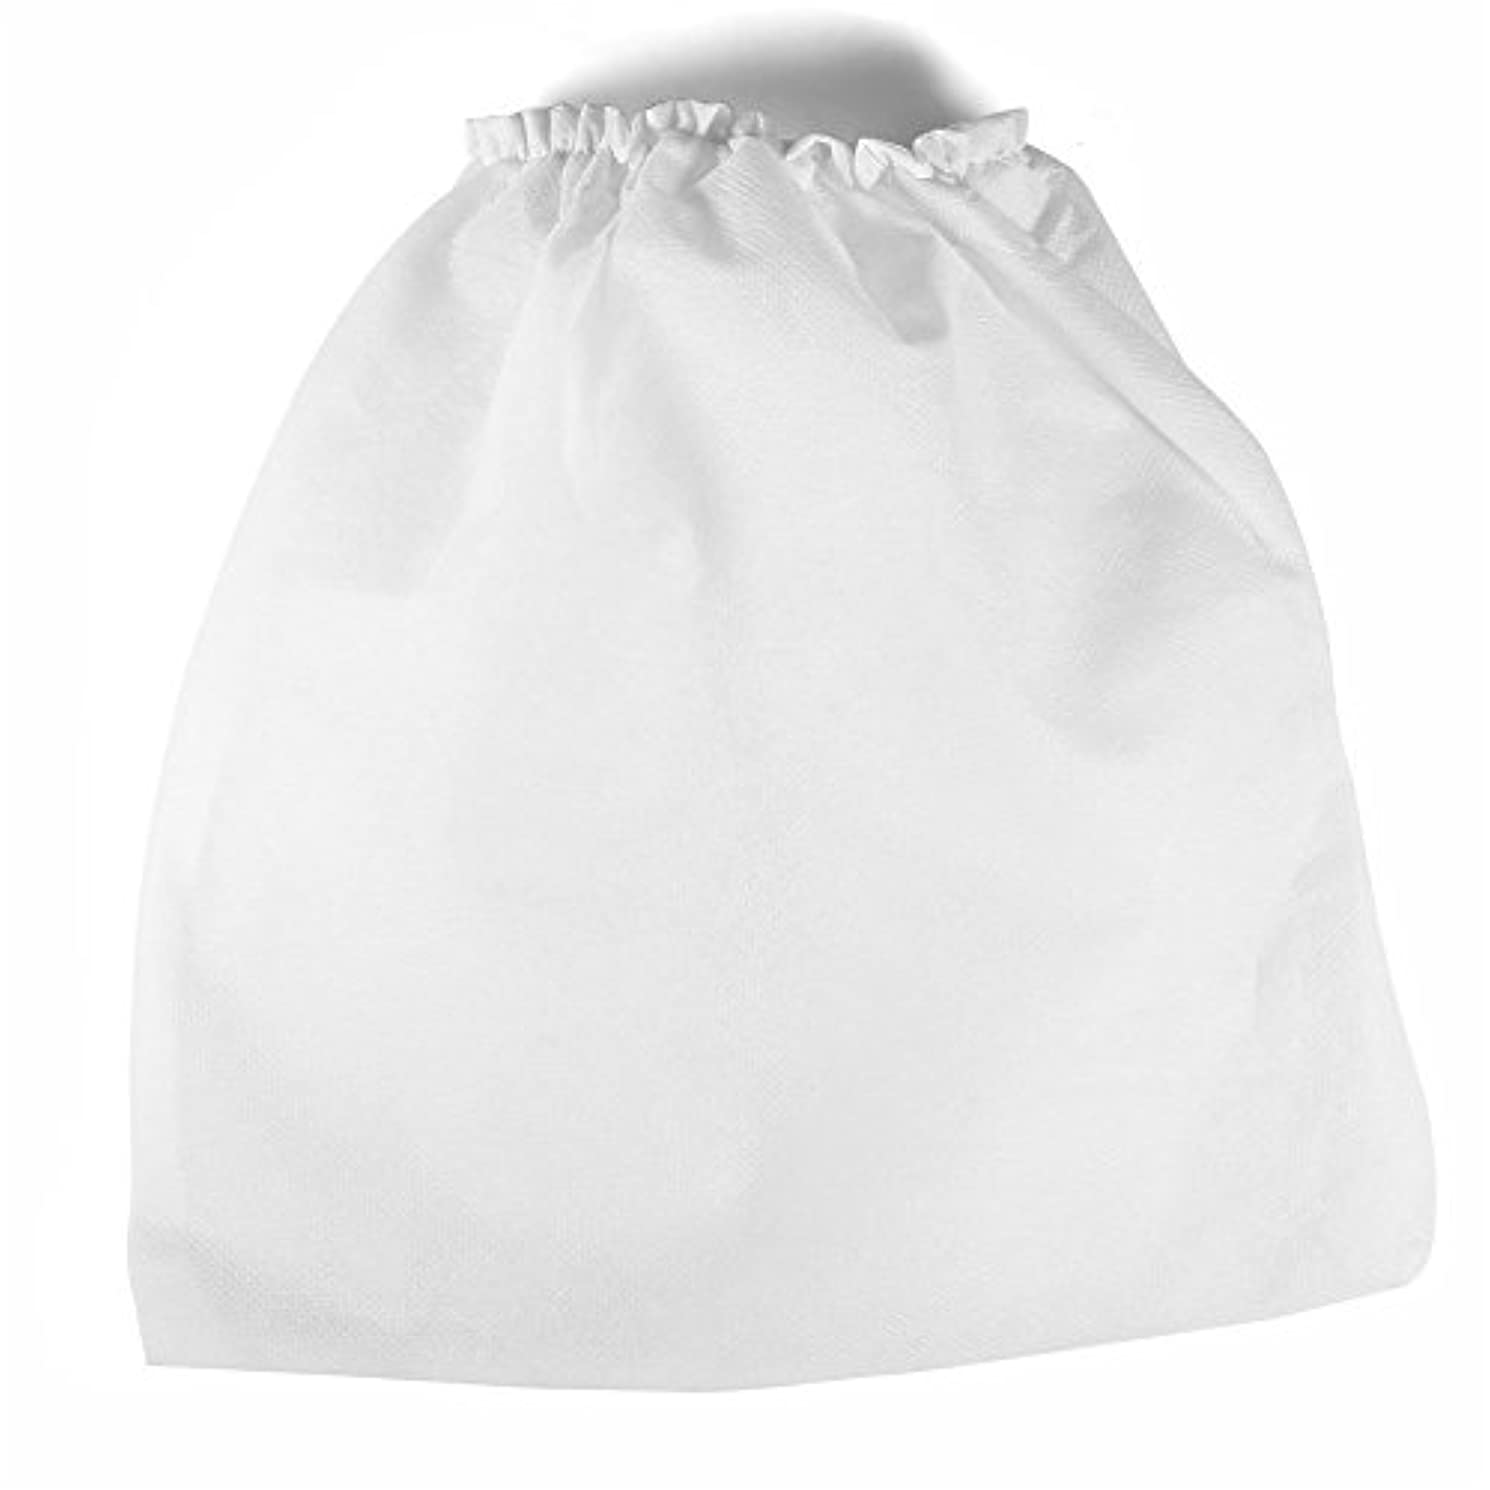 在庫新しさ郵便番号ネイルアート集塵サロンツール用掃除機バッグ10ピースネイル不織布掃除機交換バッグ